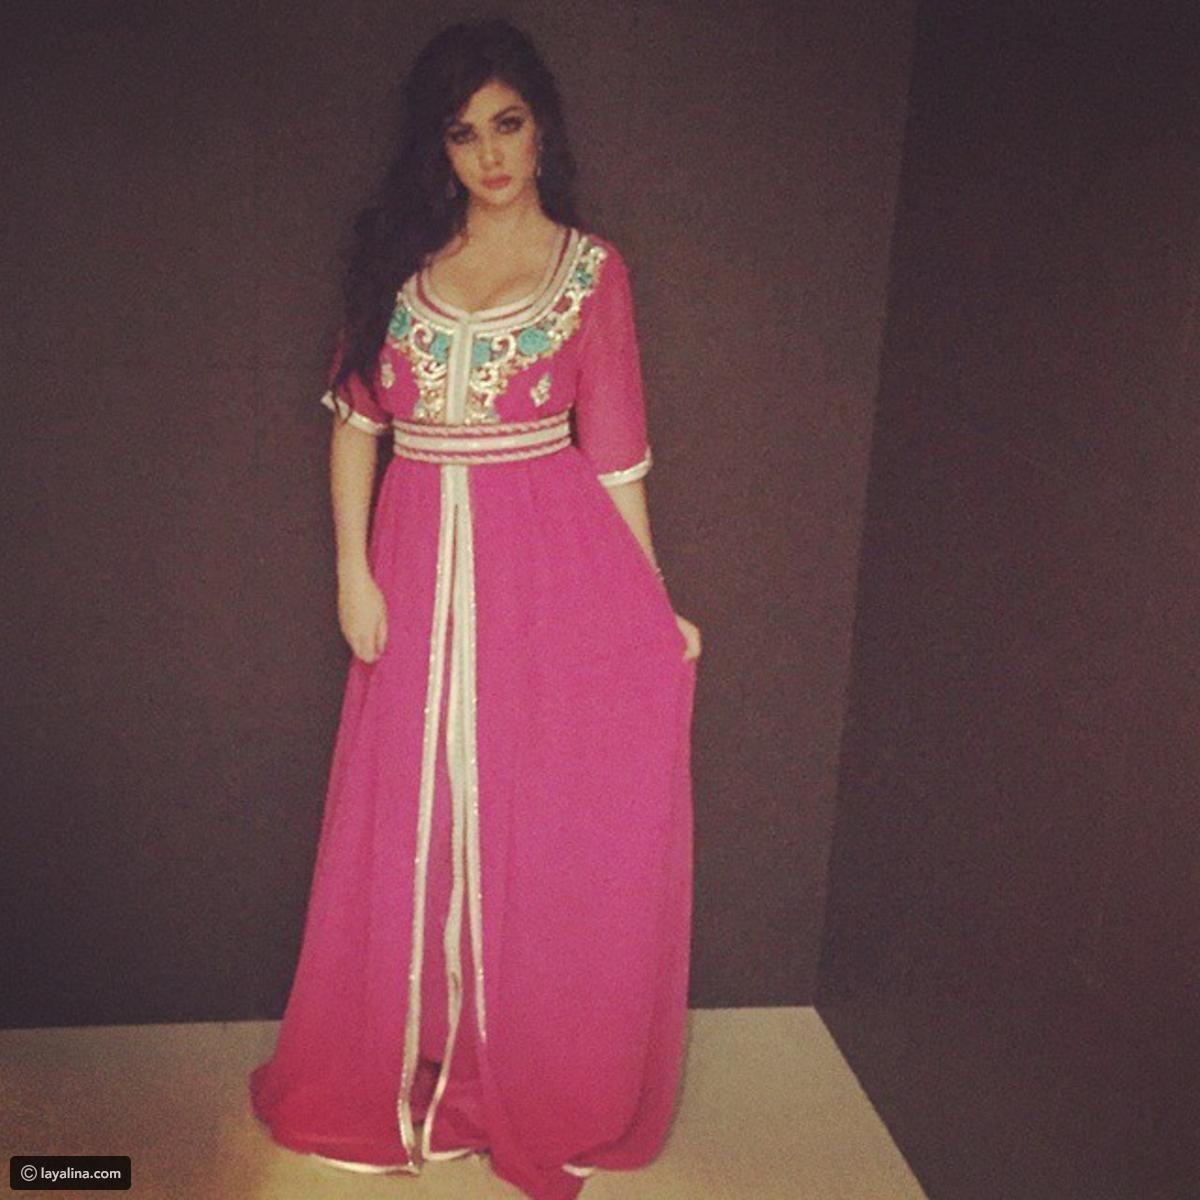 أجمل صور ابتسام تسكت شبيهة هيفاء وهبي بالقفطان المغربي ليالينا Maxi Dress Fashion Dresses